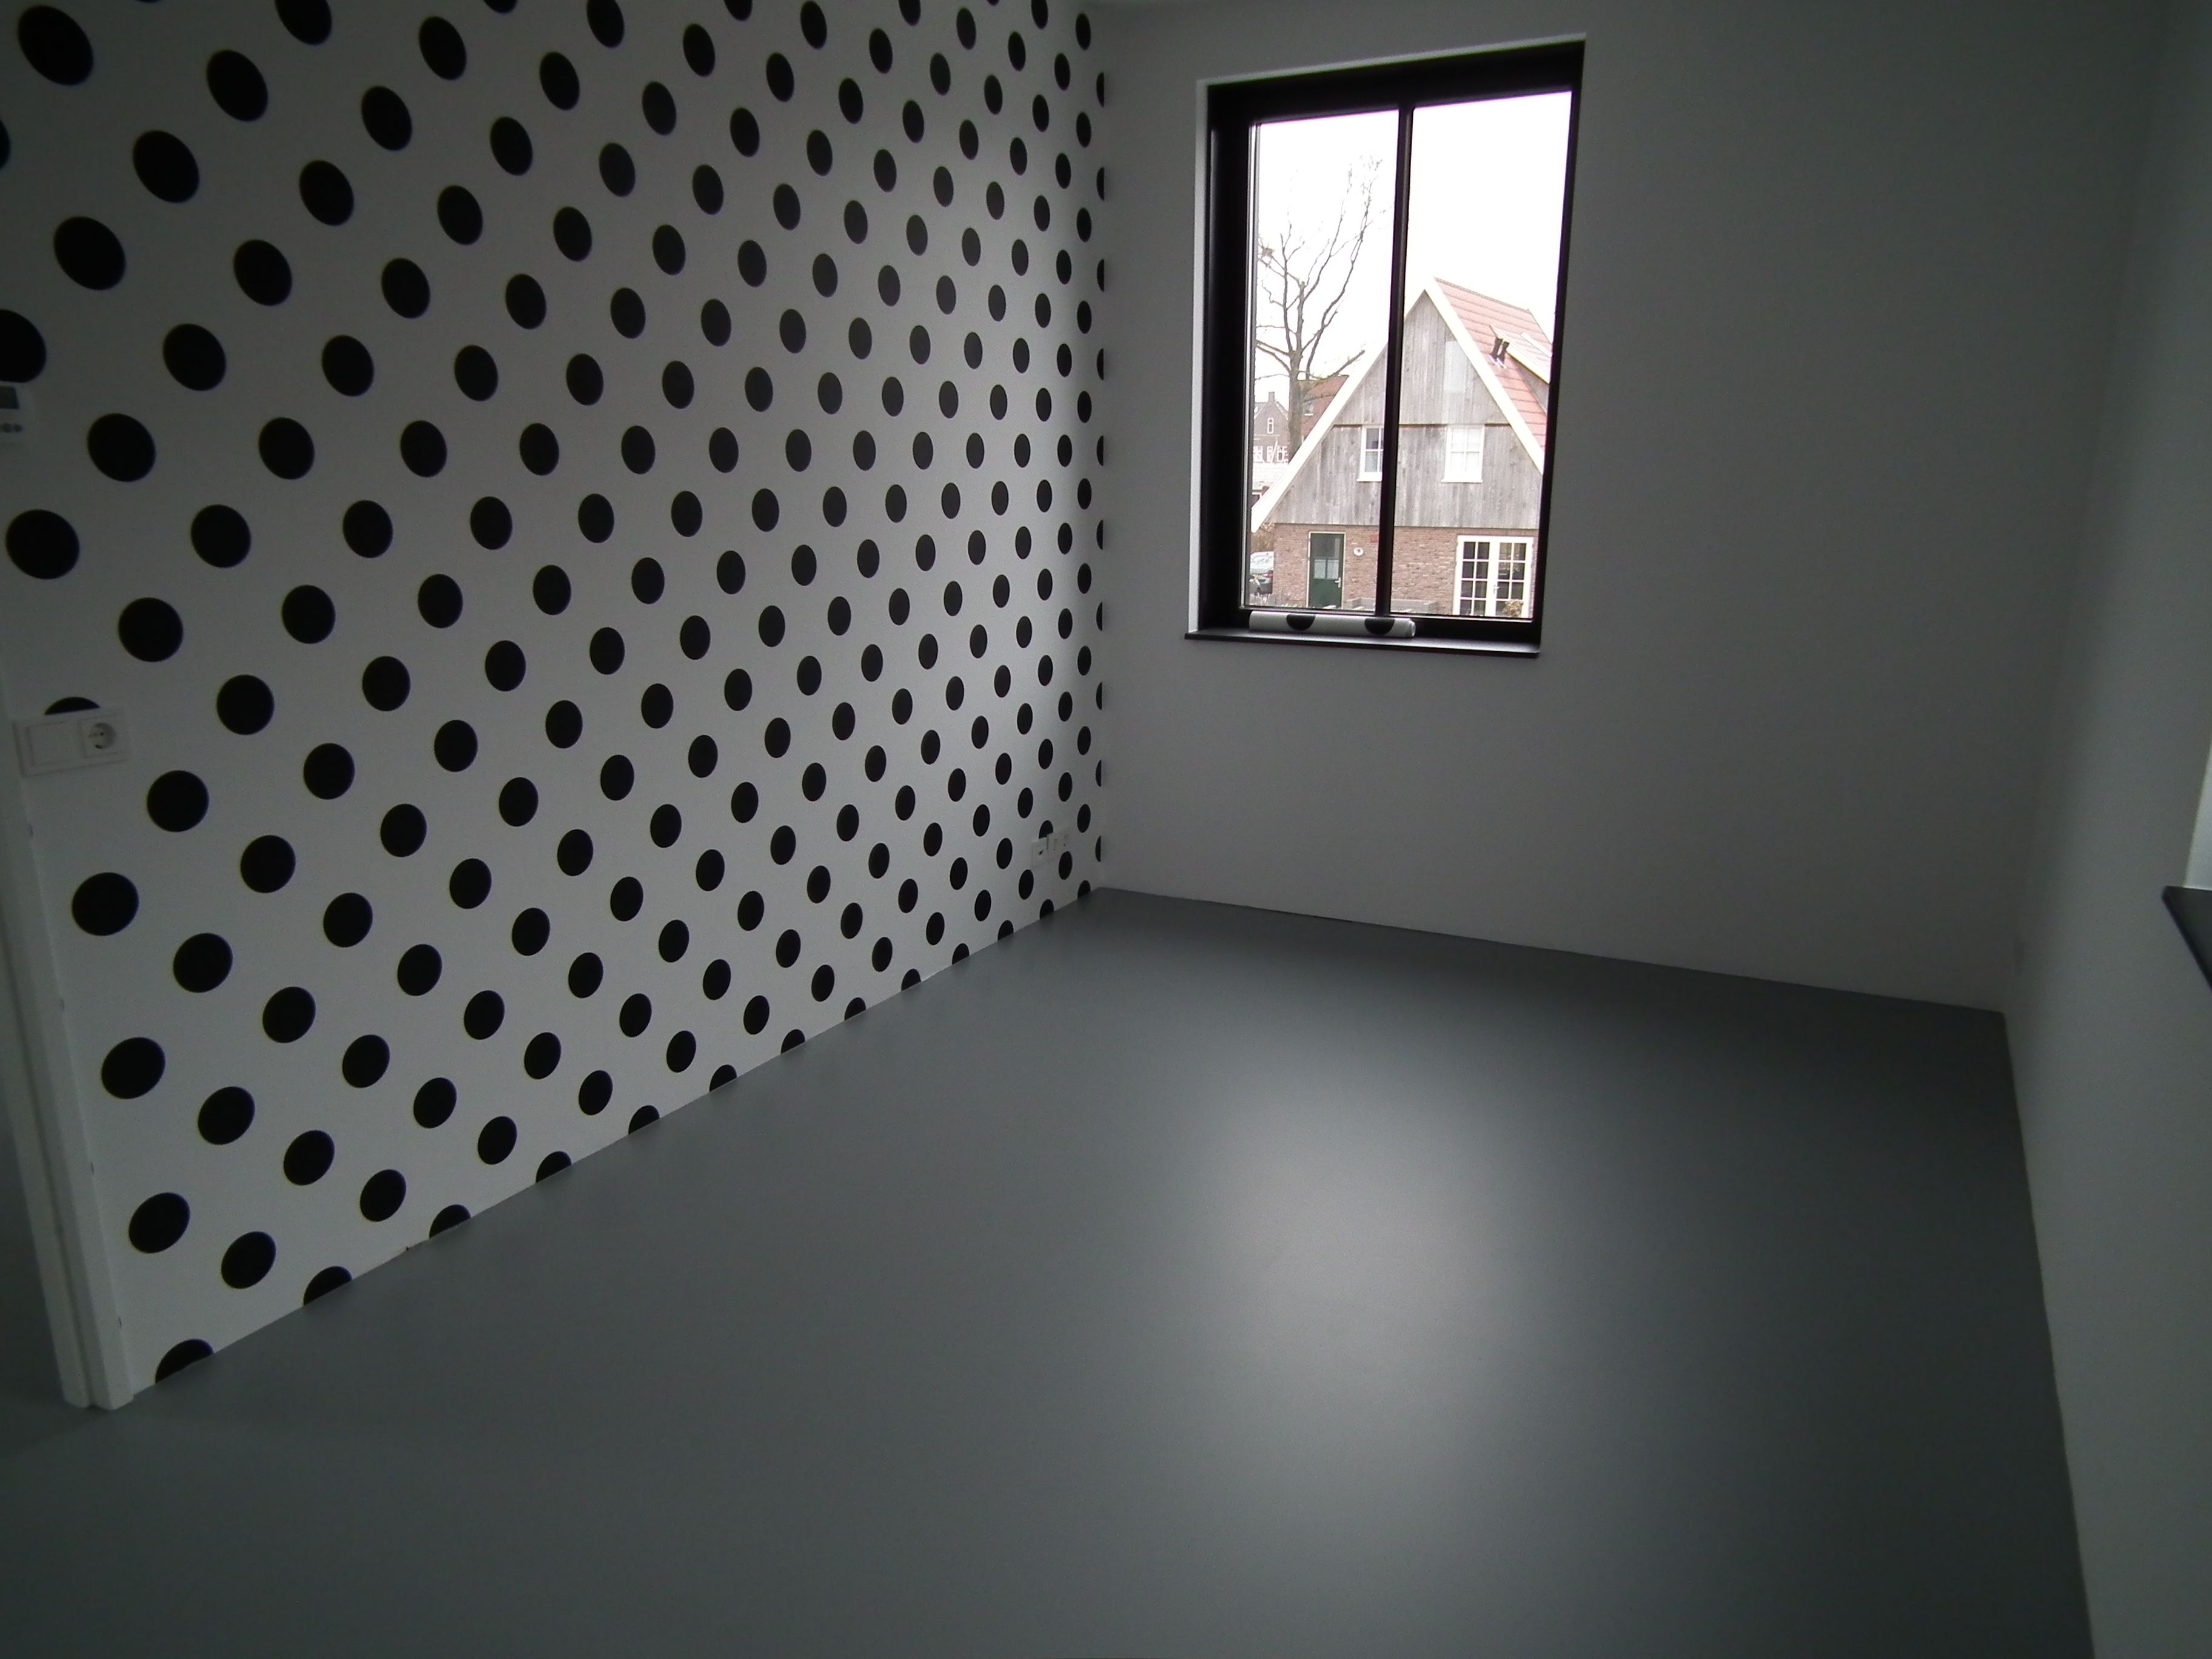 Pu gietvloer in slaapkamer gietvloeren flooring